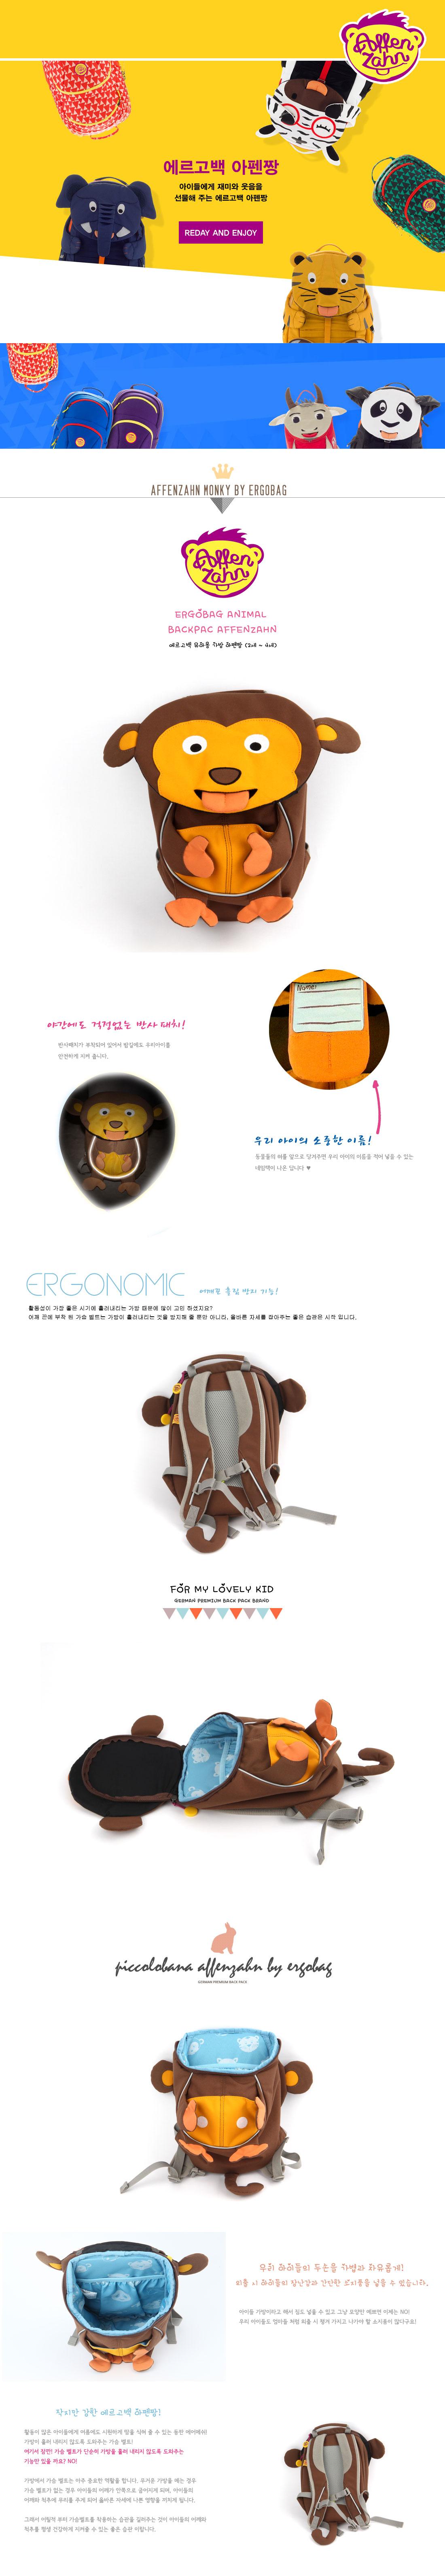 아펜짱 몽키 알버트 - 아펜짱, 39,000원, 가방, 백팩